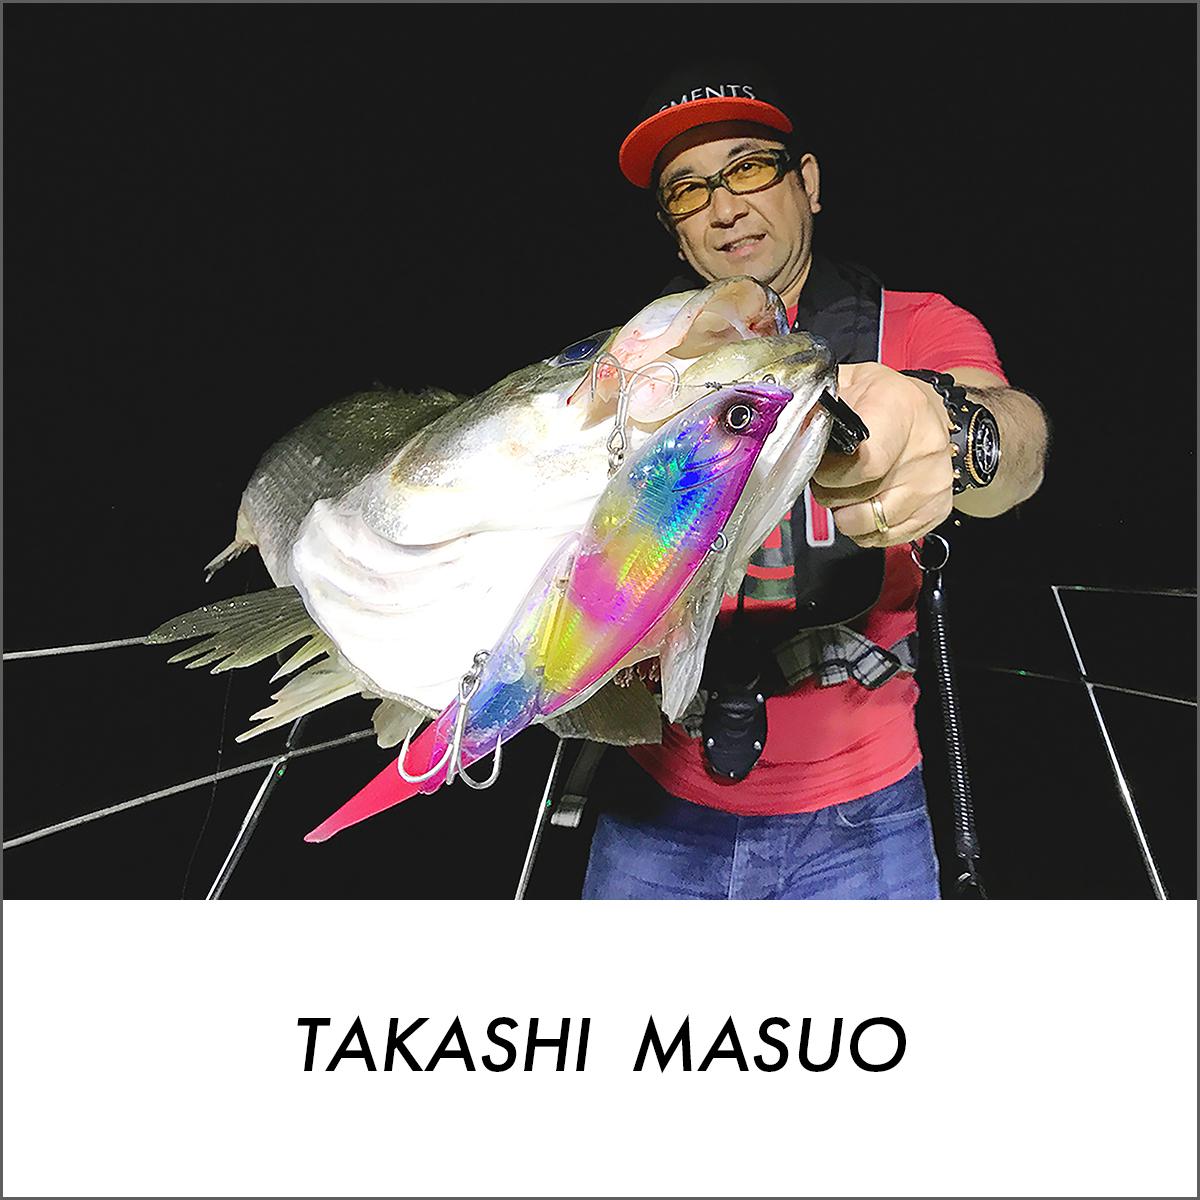 TAKASHI MASUO